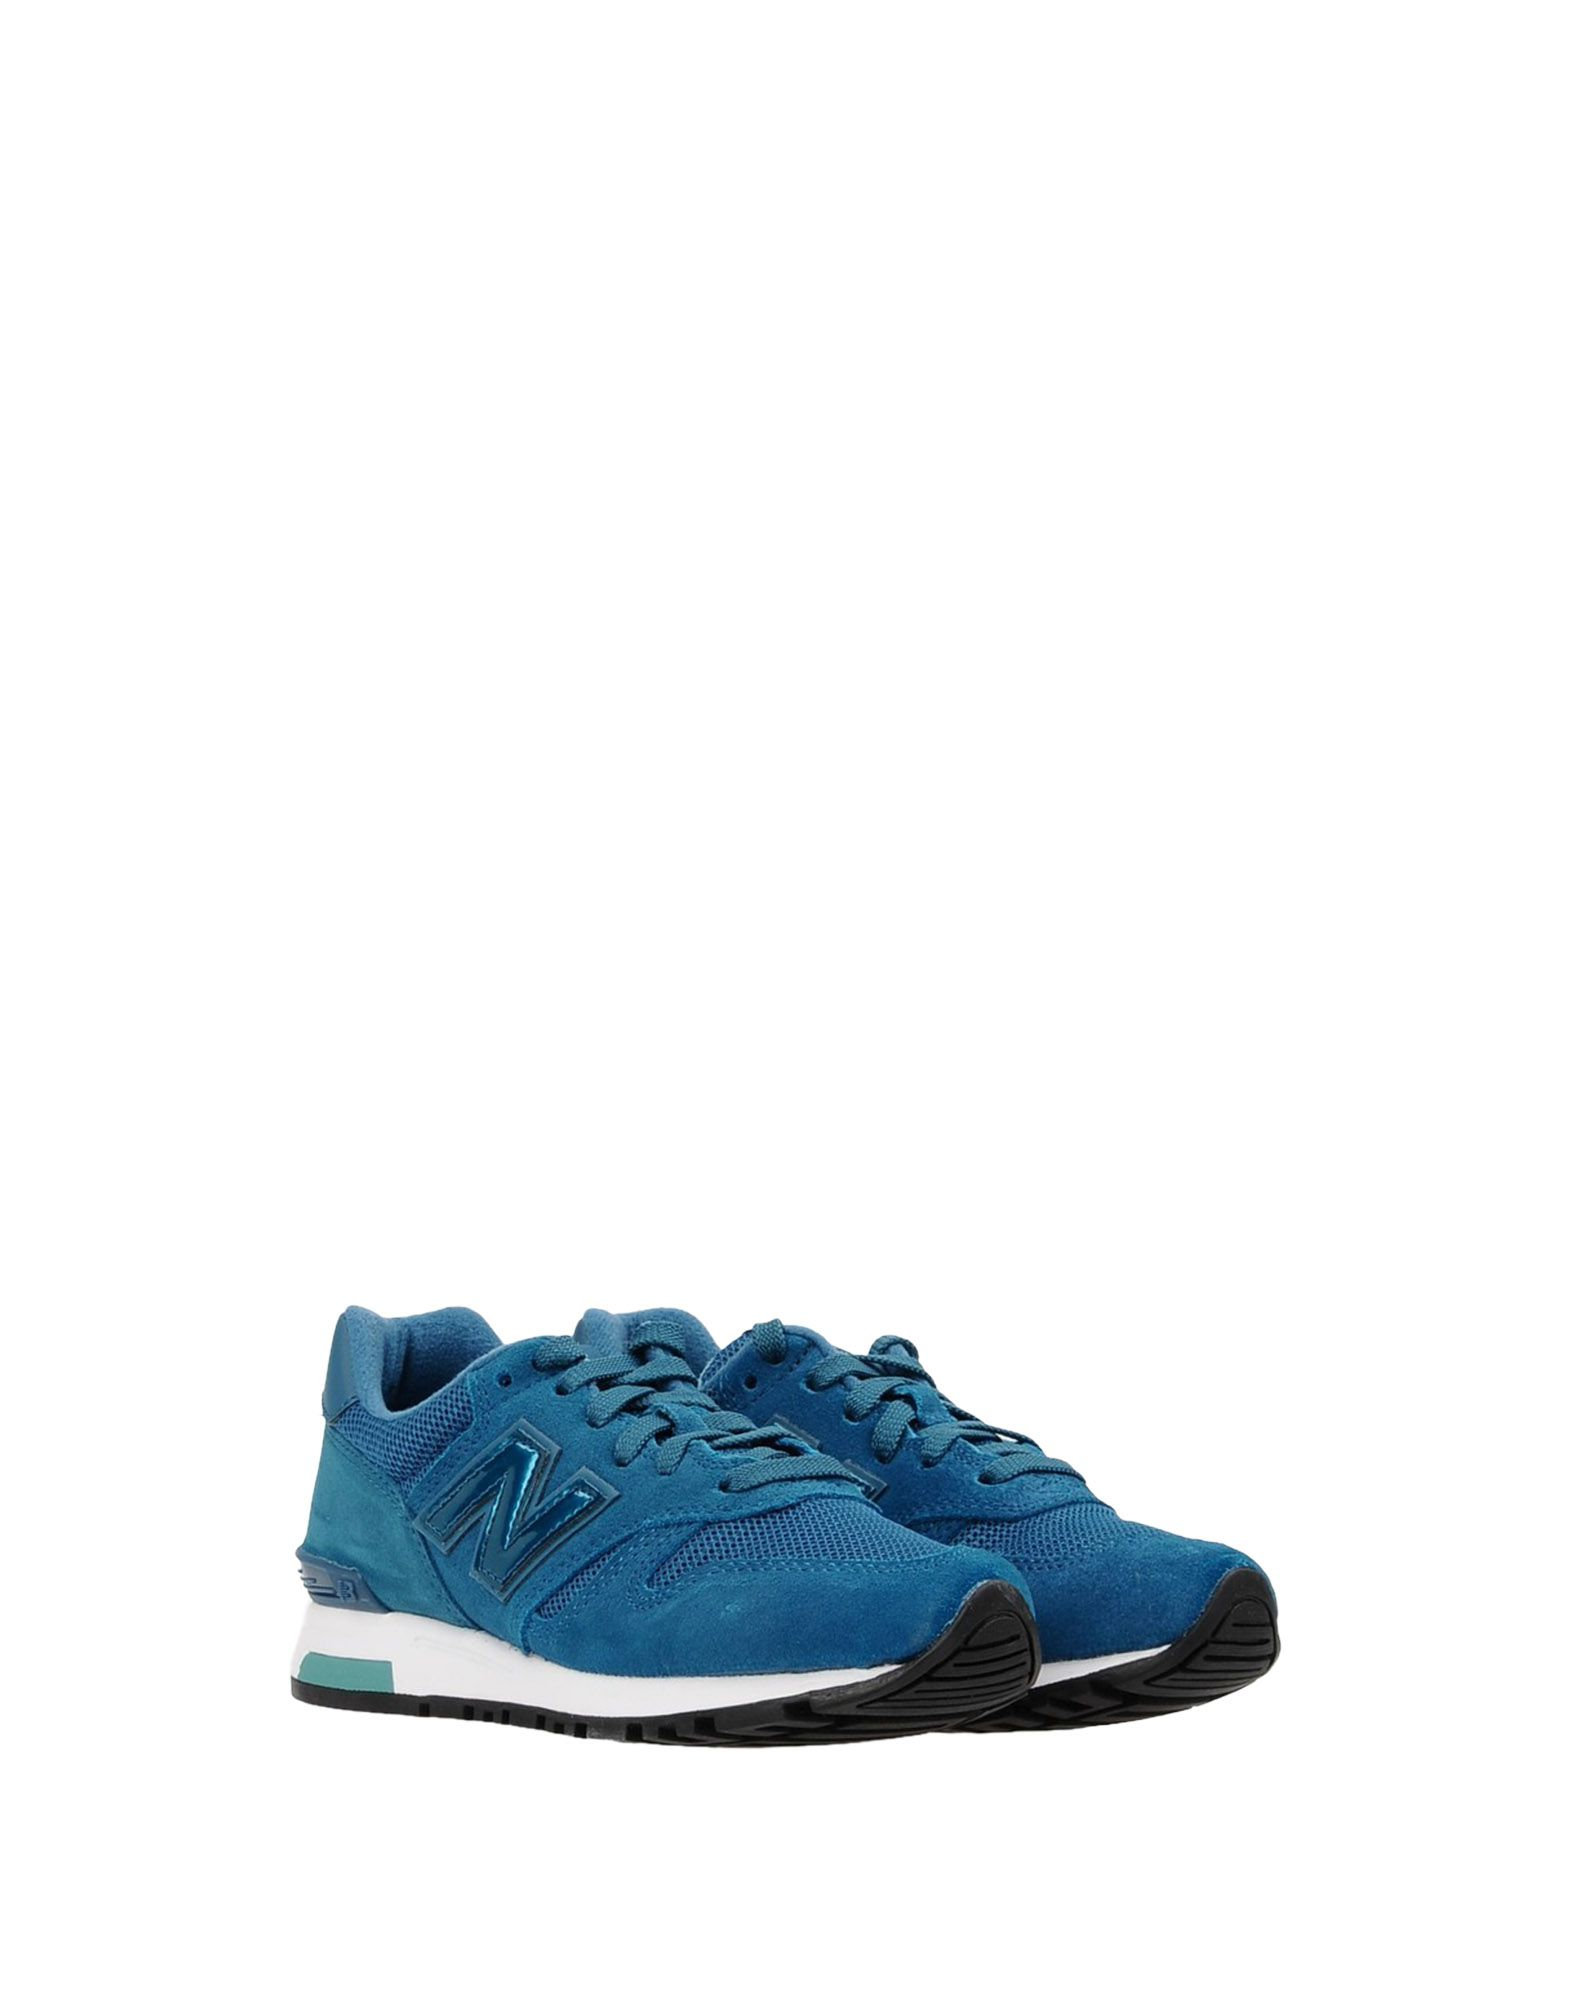 New 11370278JF Balance 565 Suede Mesh Shining  11370278JF New Gute Qualität beliebte Schuhe bced7e